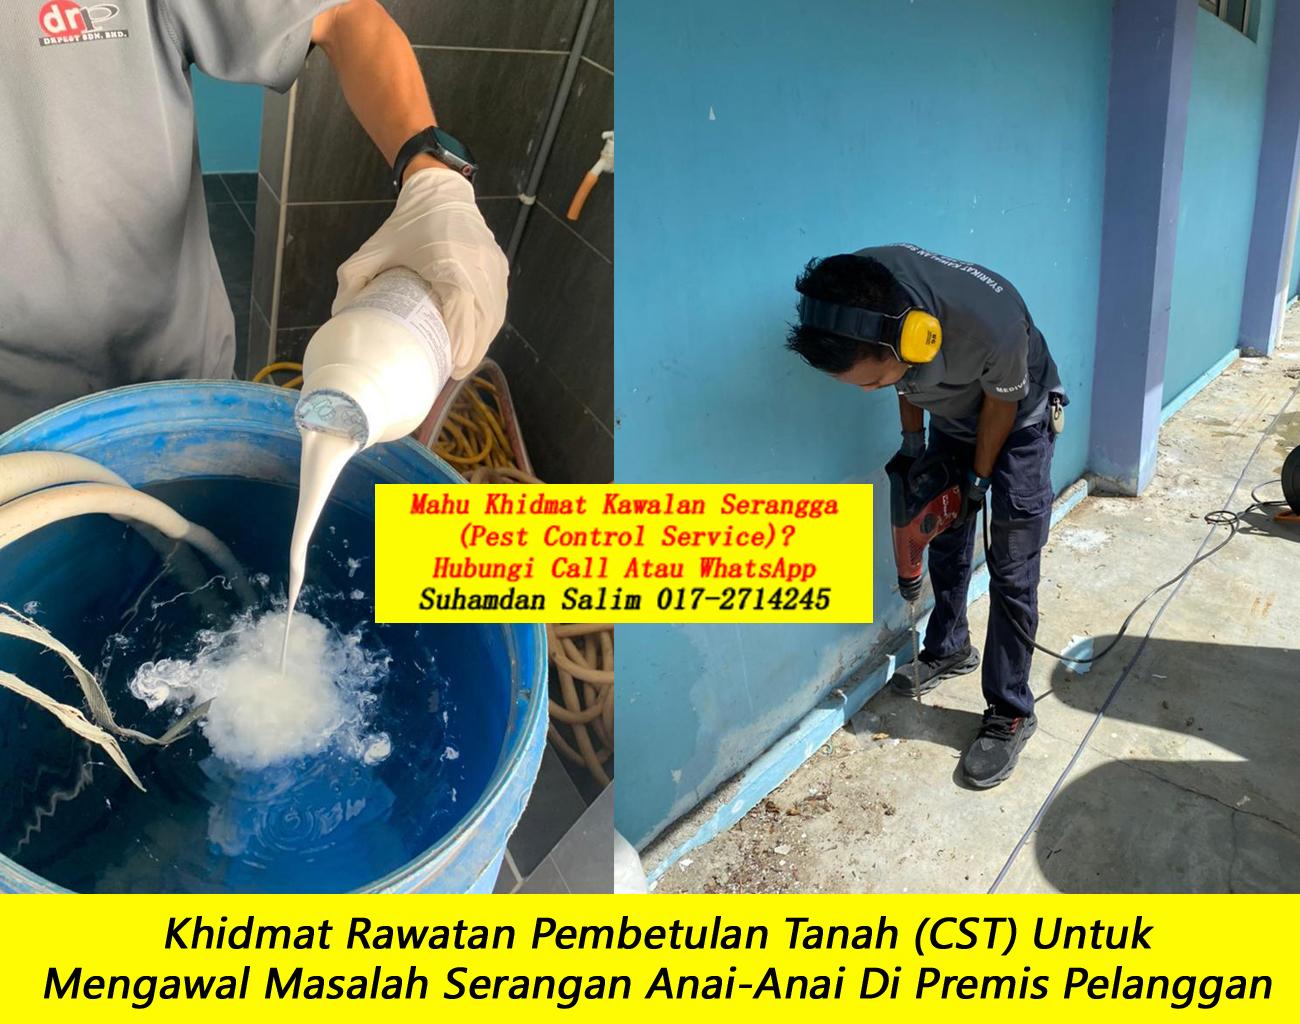 khidmat rawatan dan pencegahan masalah anai anai di Maluri kl oleh syarikat kawalan serangga company pest control kawalan anai anai yang berkesan terbaik di felda